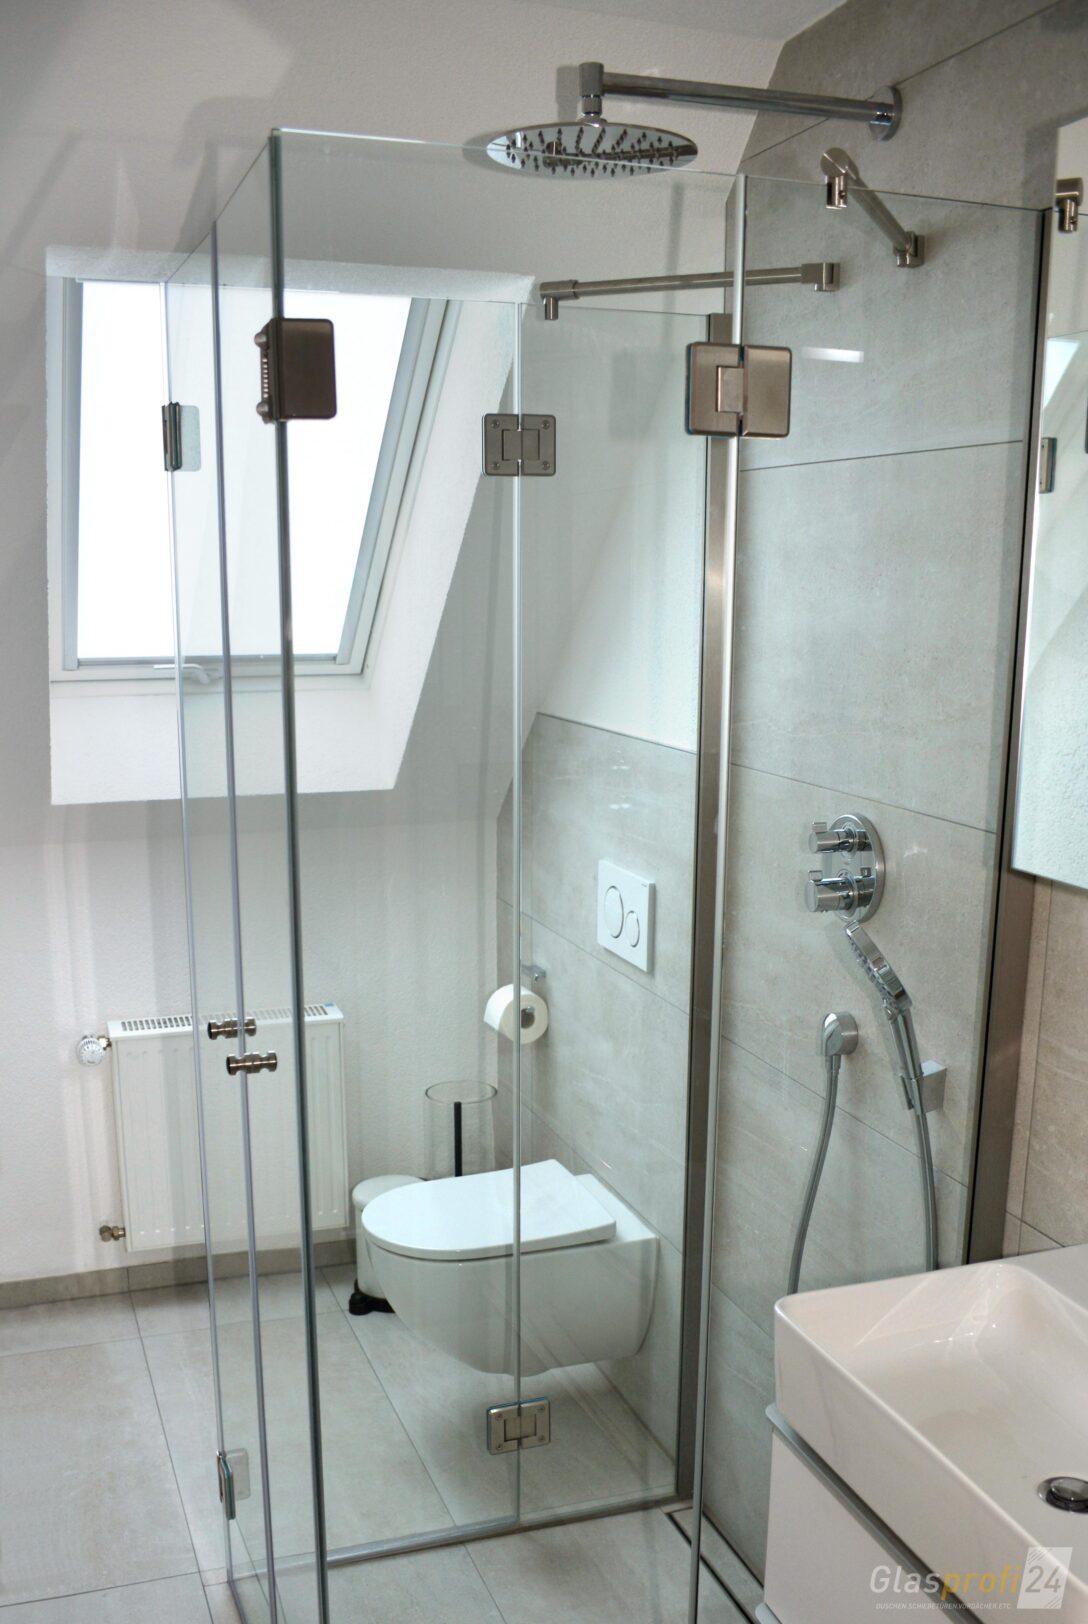 Large Size of Ebenerdige Dusche Kosten Bodenebene Bad Fliesen Glasabtrennung Schiebetür Haltegriff Komplett Set Bodengleiche Für Nachträglich Einbauen Schulte Duschen Dusche Ebenerdige Dusche Kosten